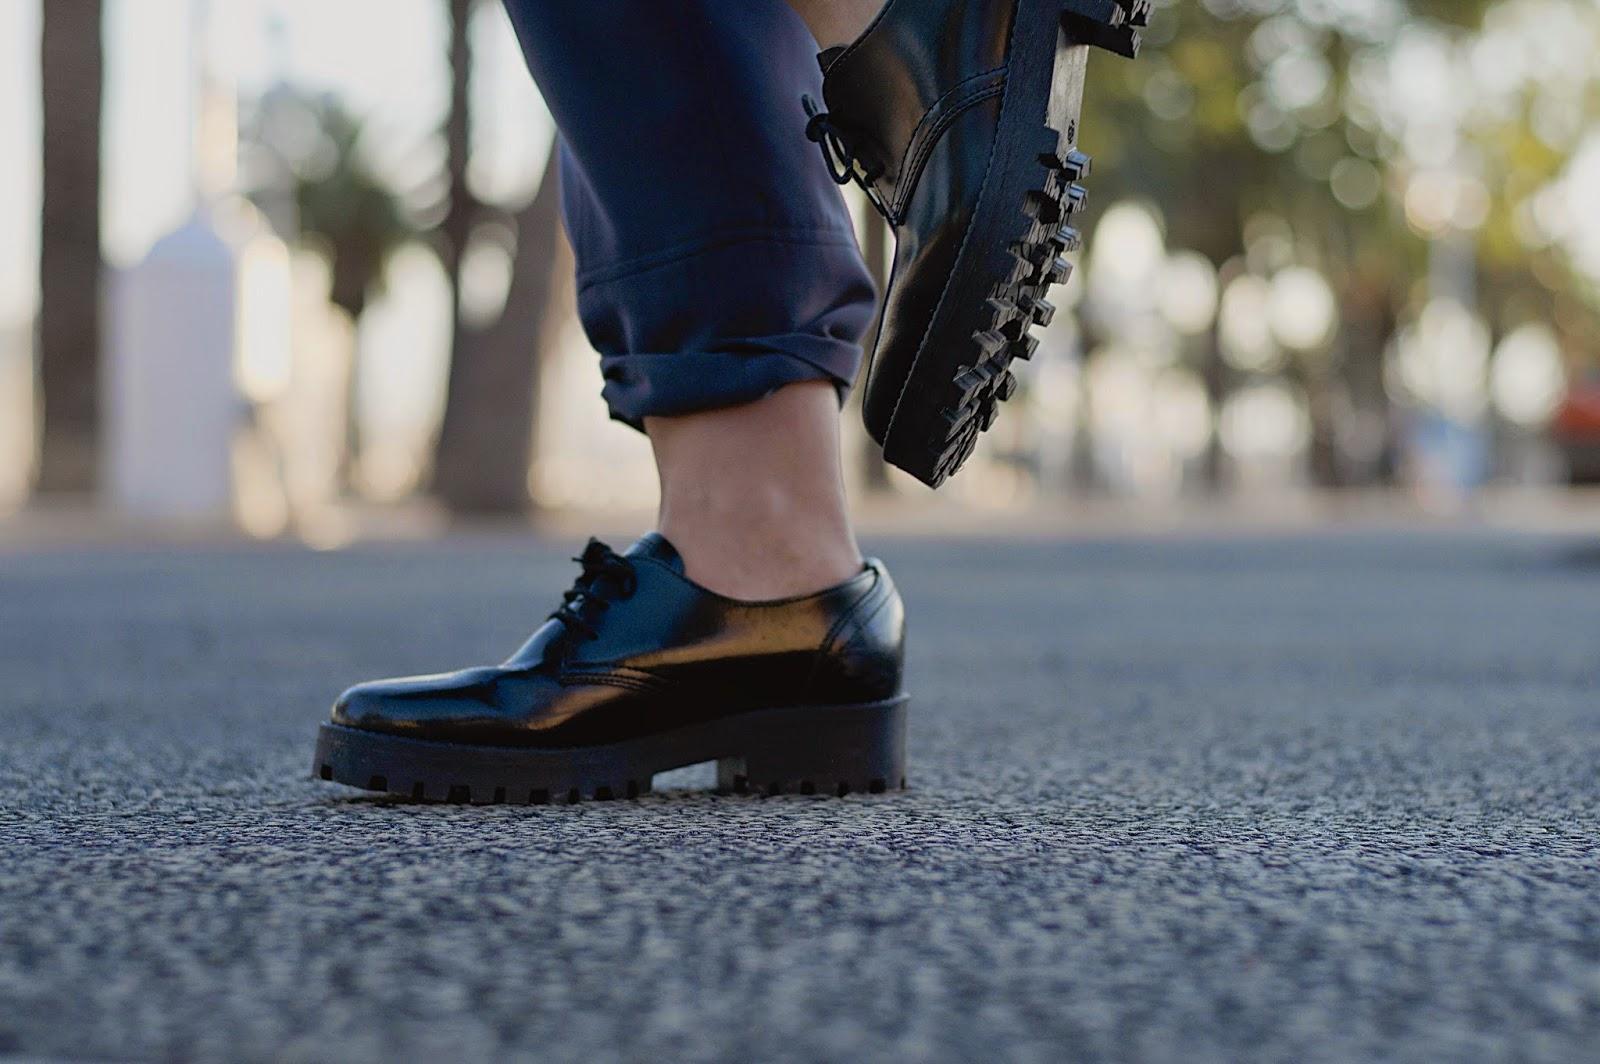 Mono Toni Francesc, bolso Zara, zapatos Urban Outfiters